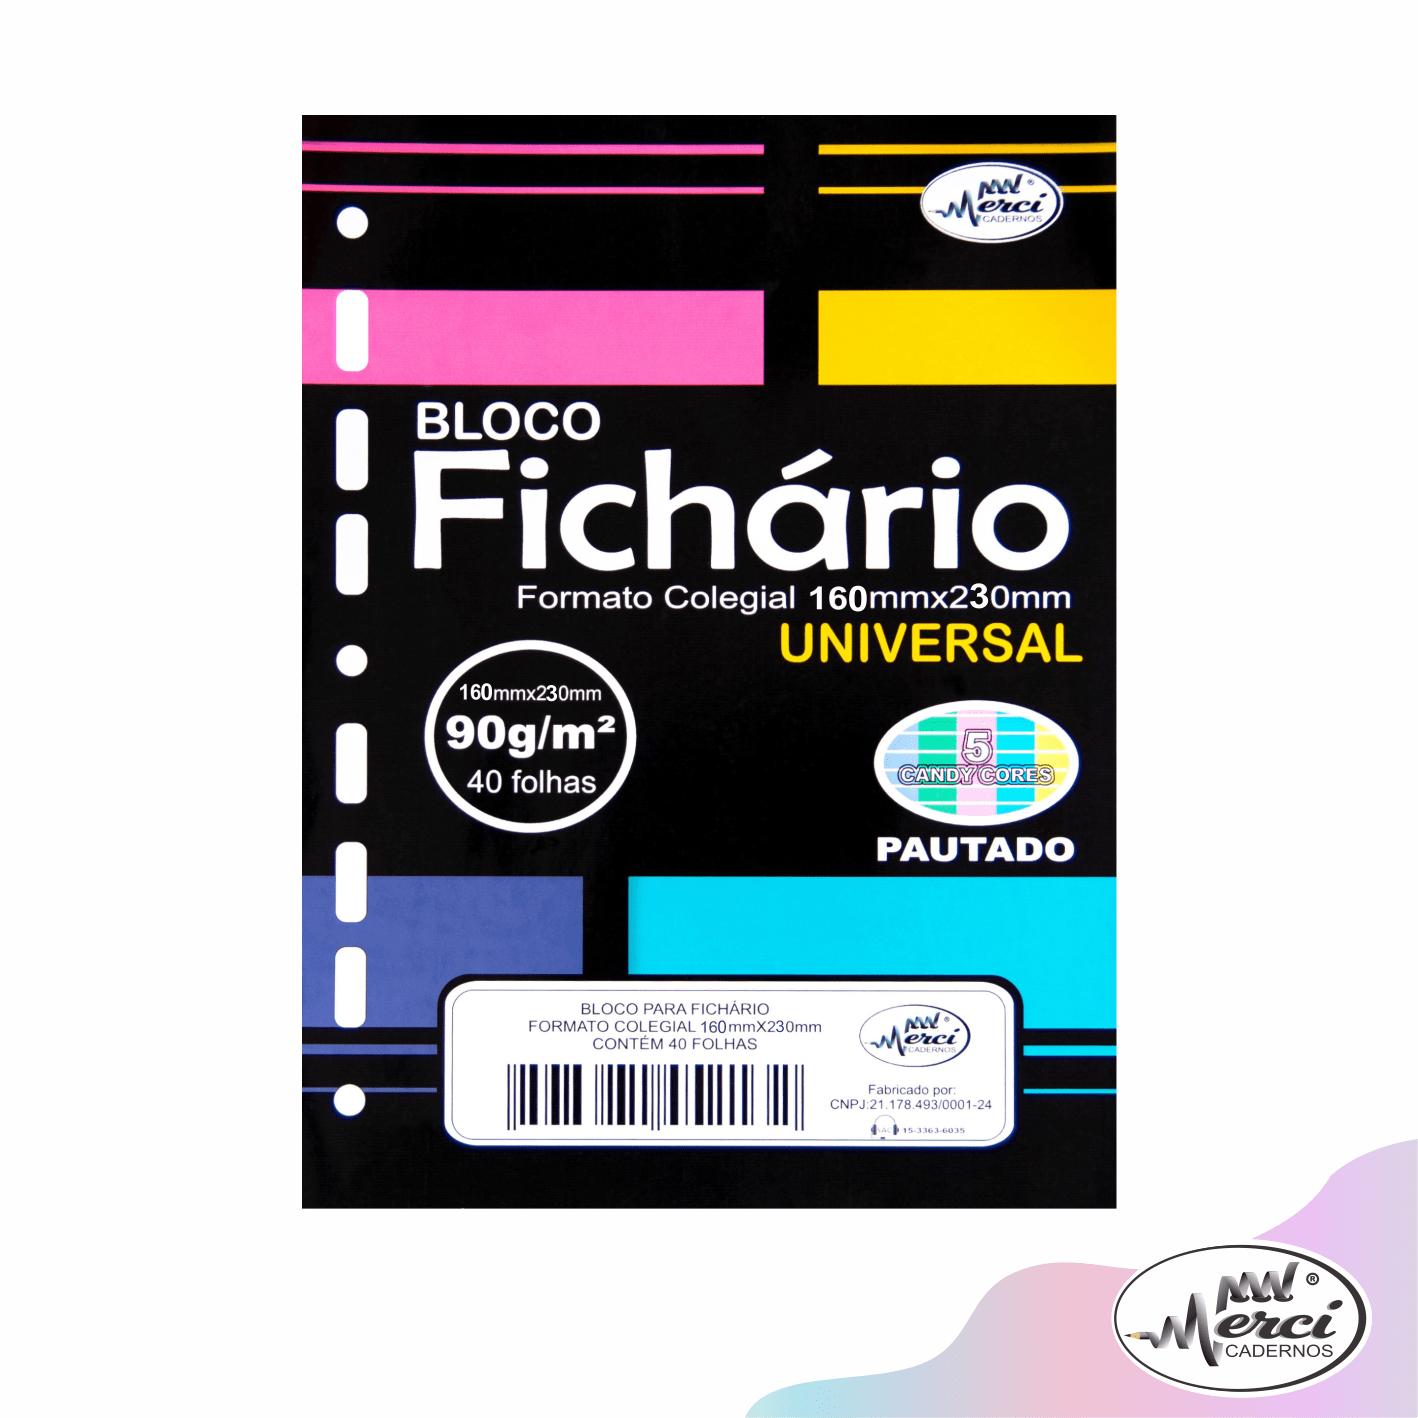 Folhas de Fichário Coloridas Pautado Colegial 40 folhas 90gr Candy Colors | Merci